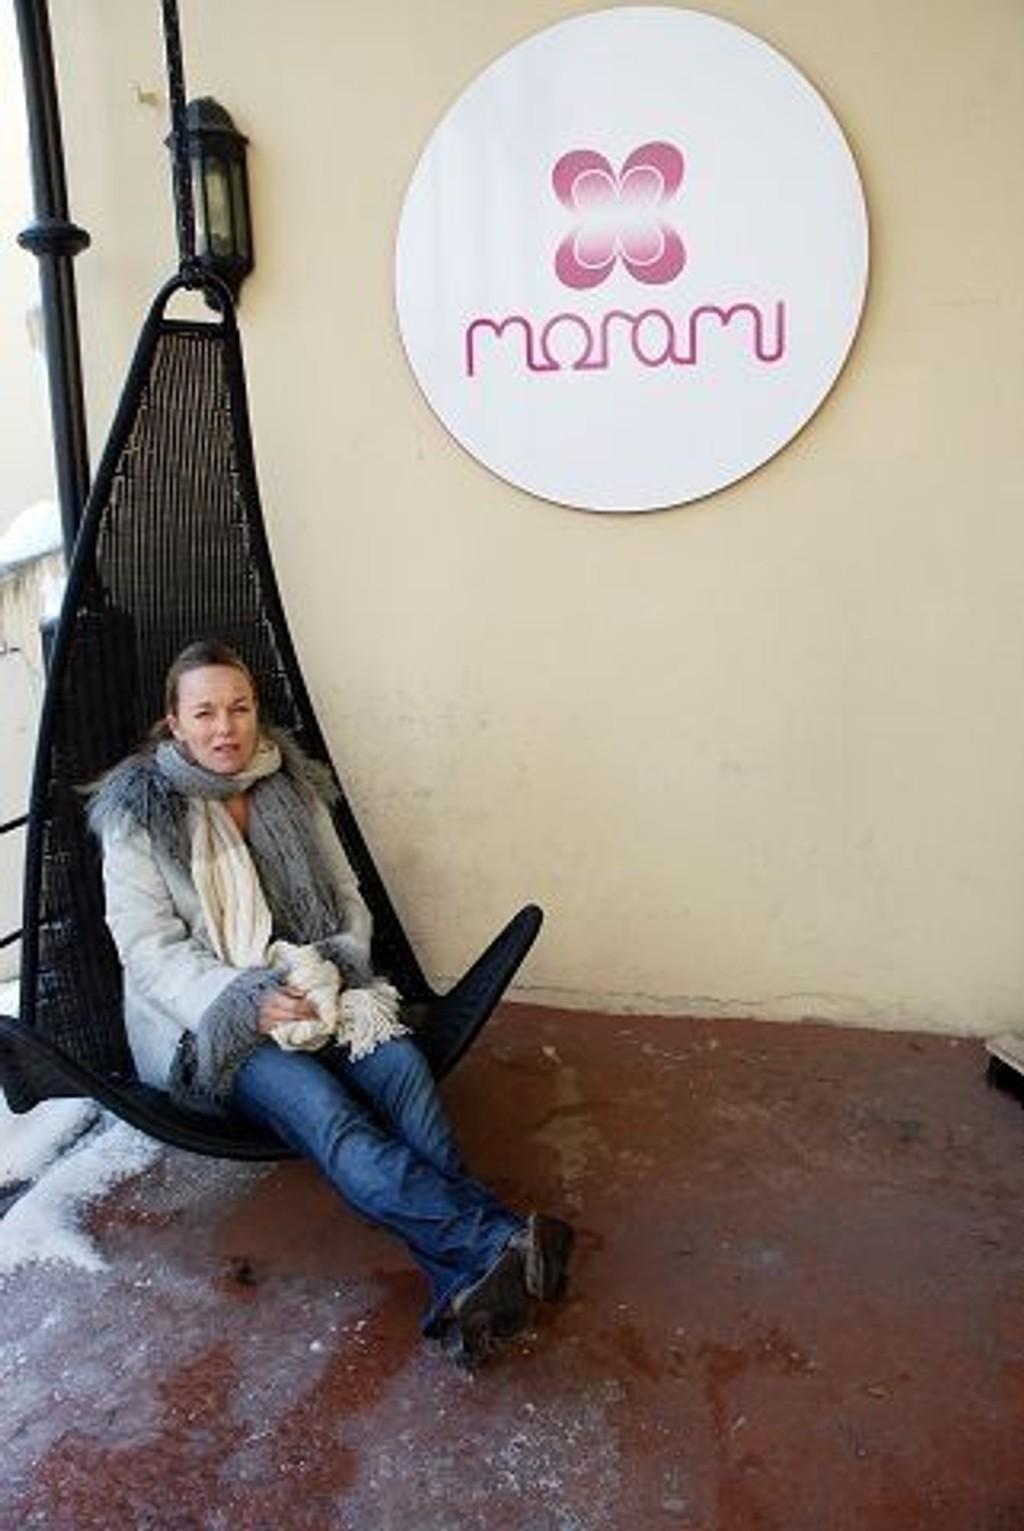 Siri Semb Baumann, kvinnen bak klesmerket Morami, i lokalene i Hegdehaugsveien. FOTO ERIK TANGEN